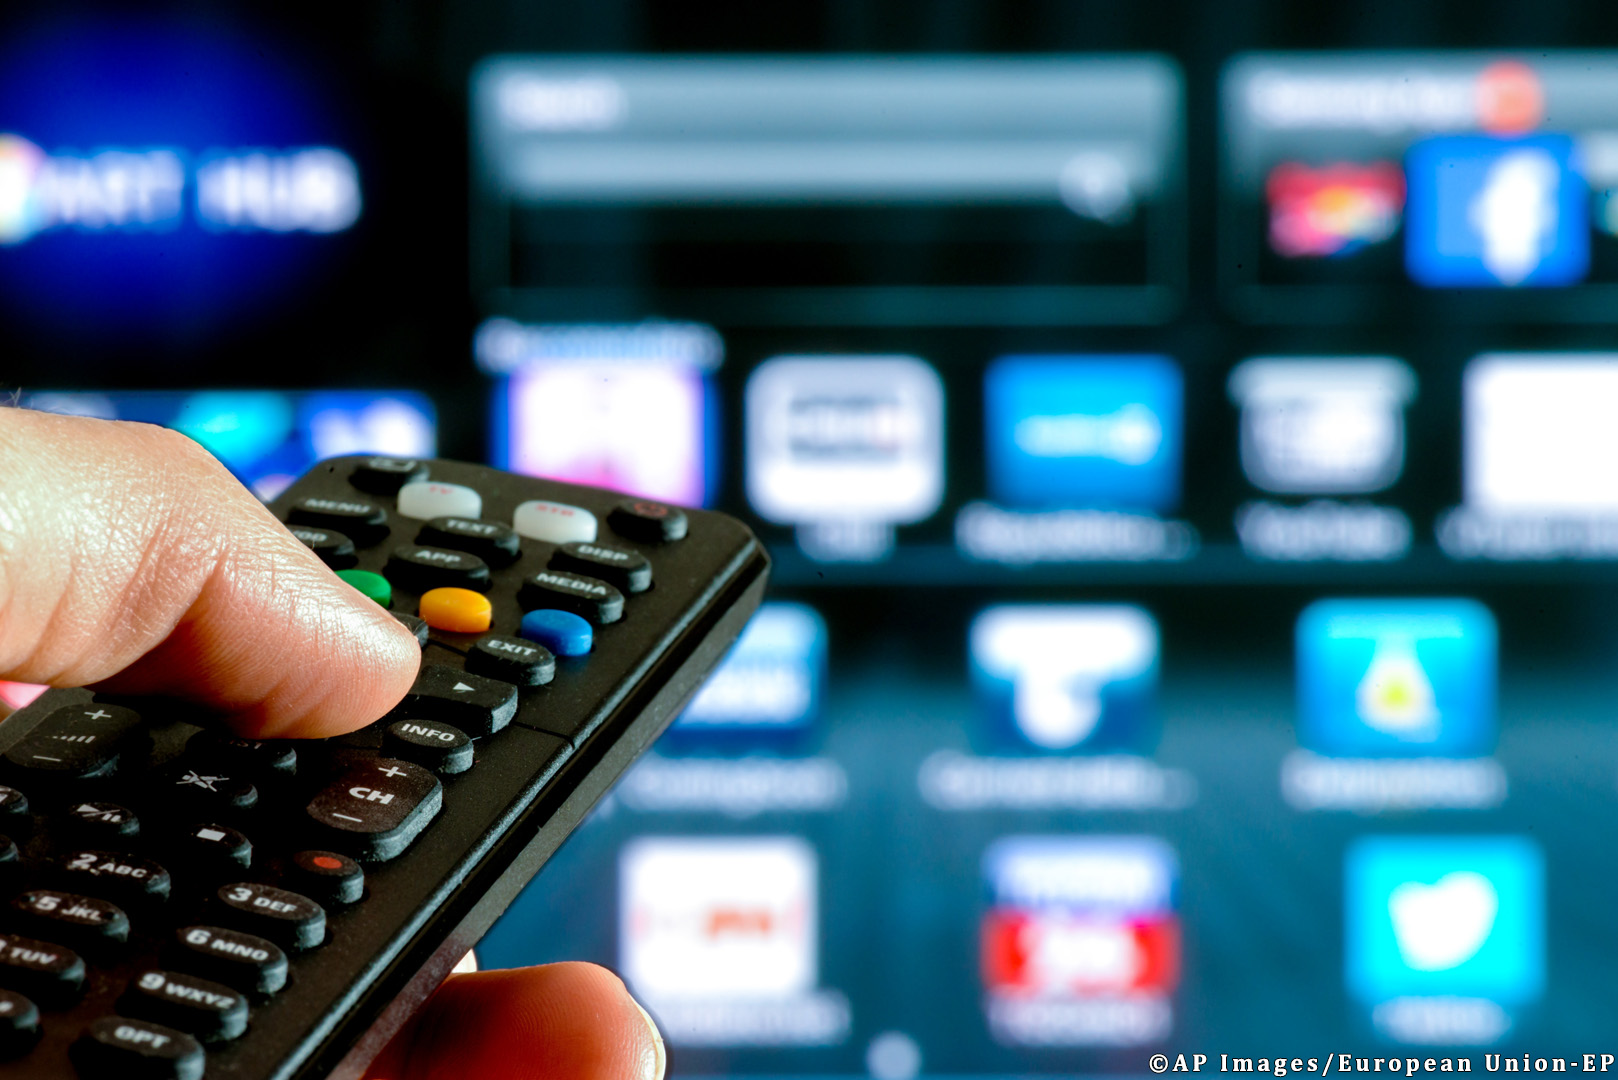 Μεταφορά Οδηγίας για οπτικοακουστικά μέσα: κάλλιο αργά παρά ποτέ